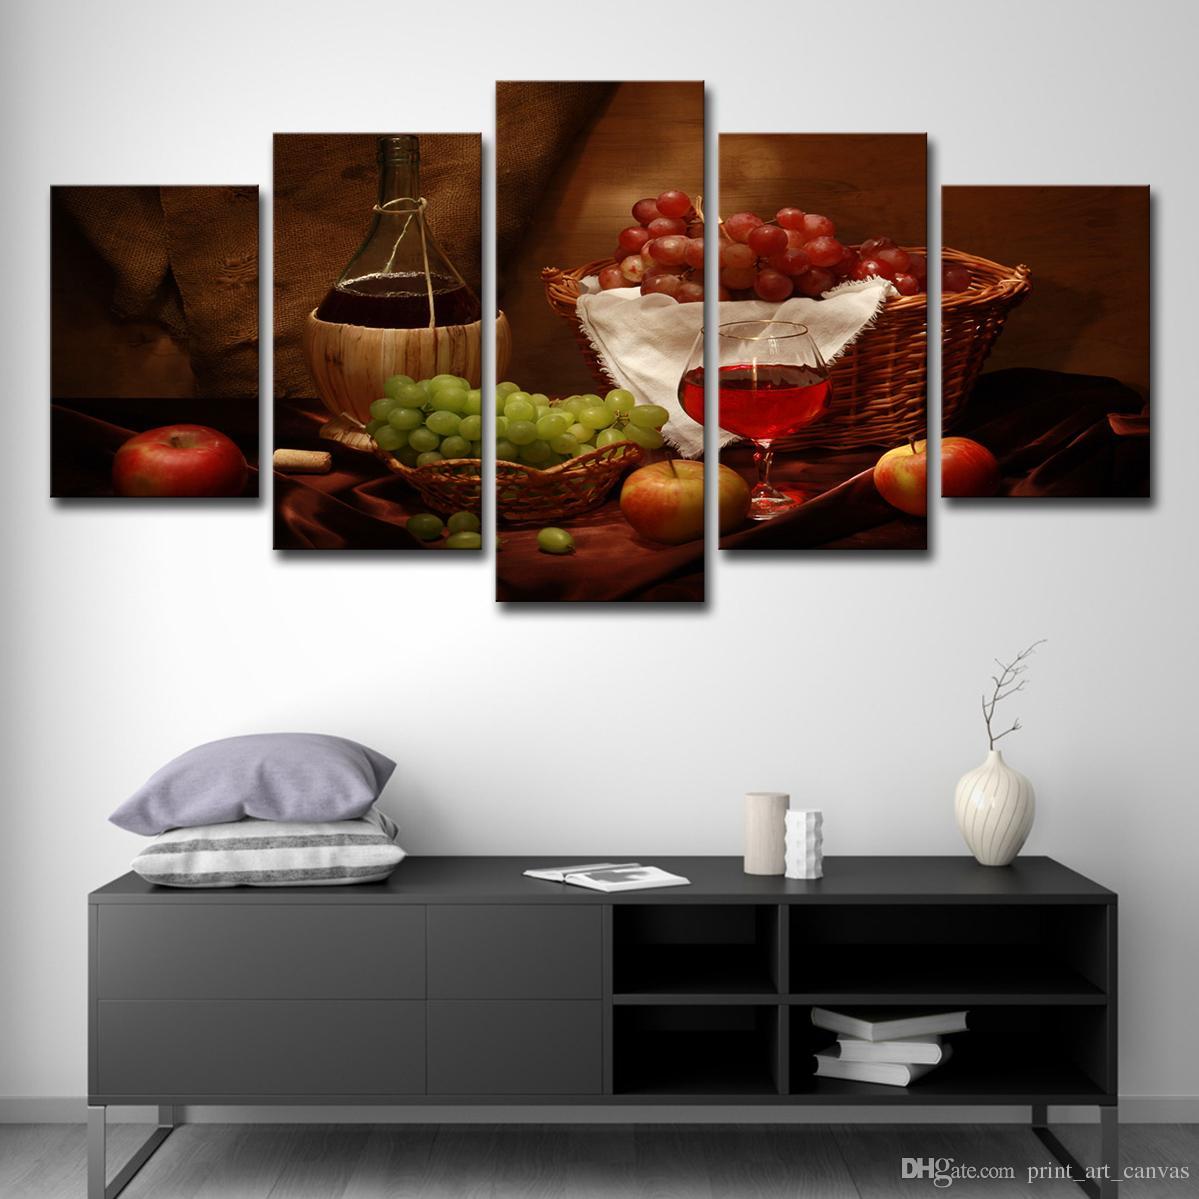 Gemälde Wohnzimmer, großhandel hd prints gemälde wohnzimmer dekor küche poster 5 stück, Design ideen